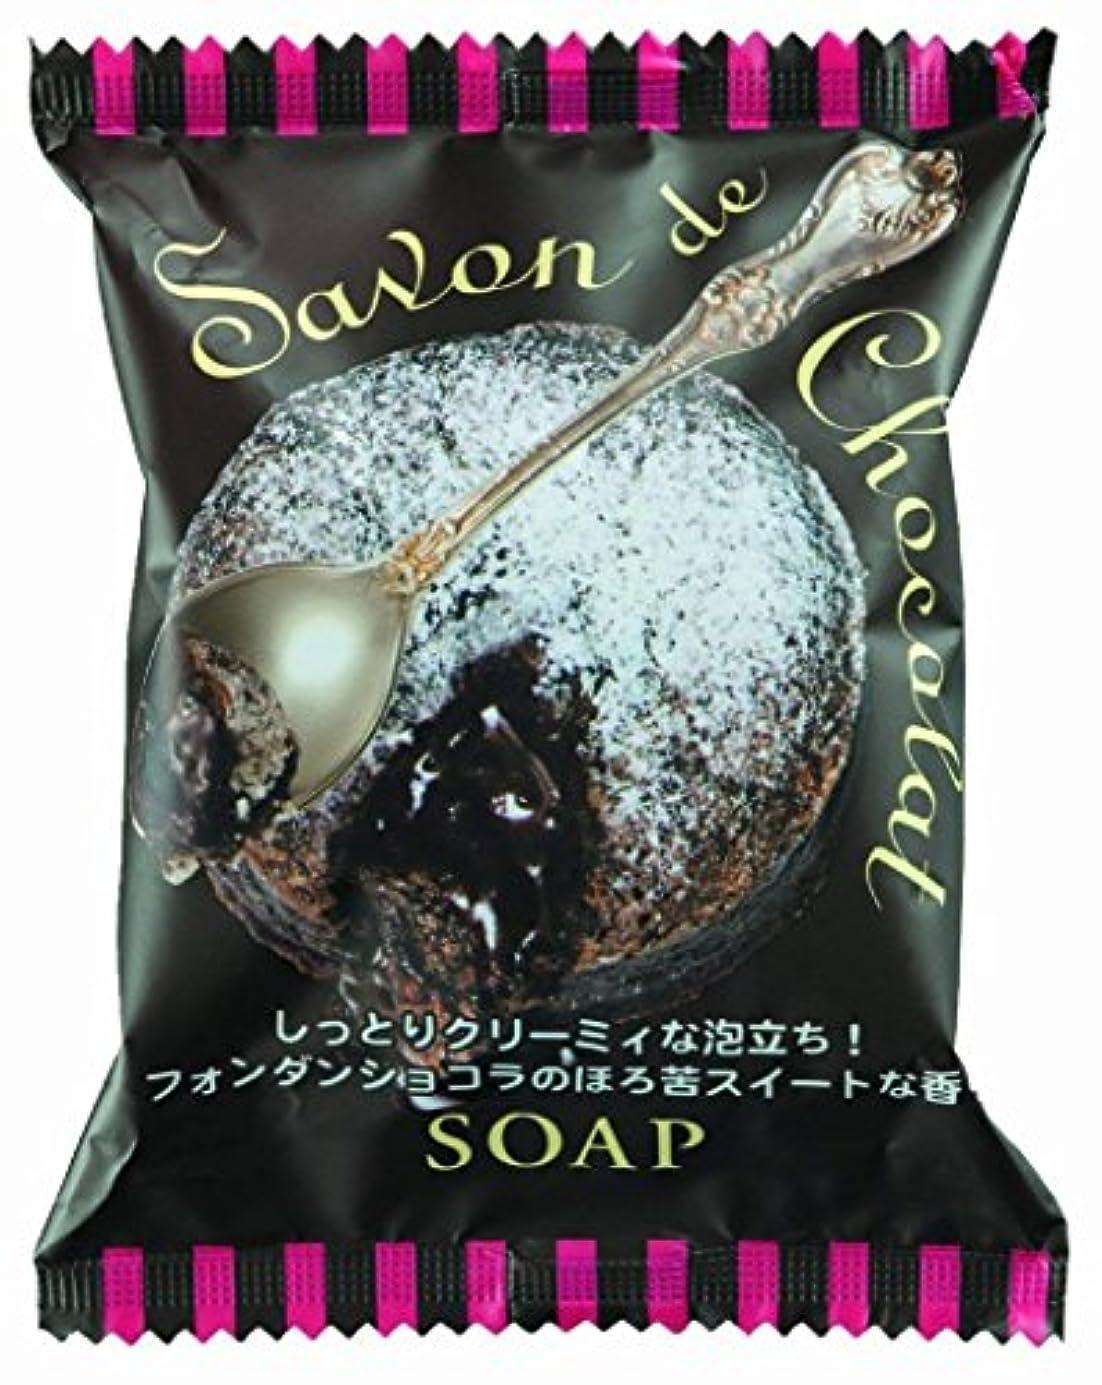 心配行くスキム【まとめ買い】サボンドショコラソープ 80g ×6個